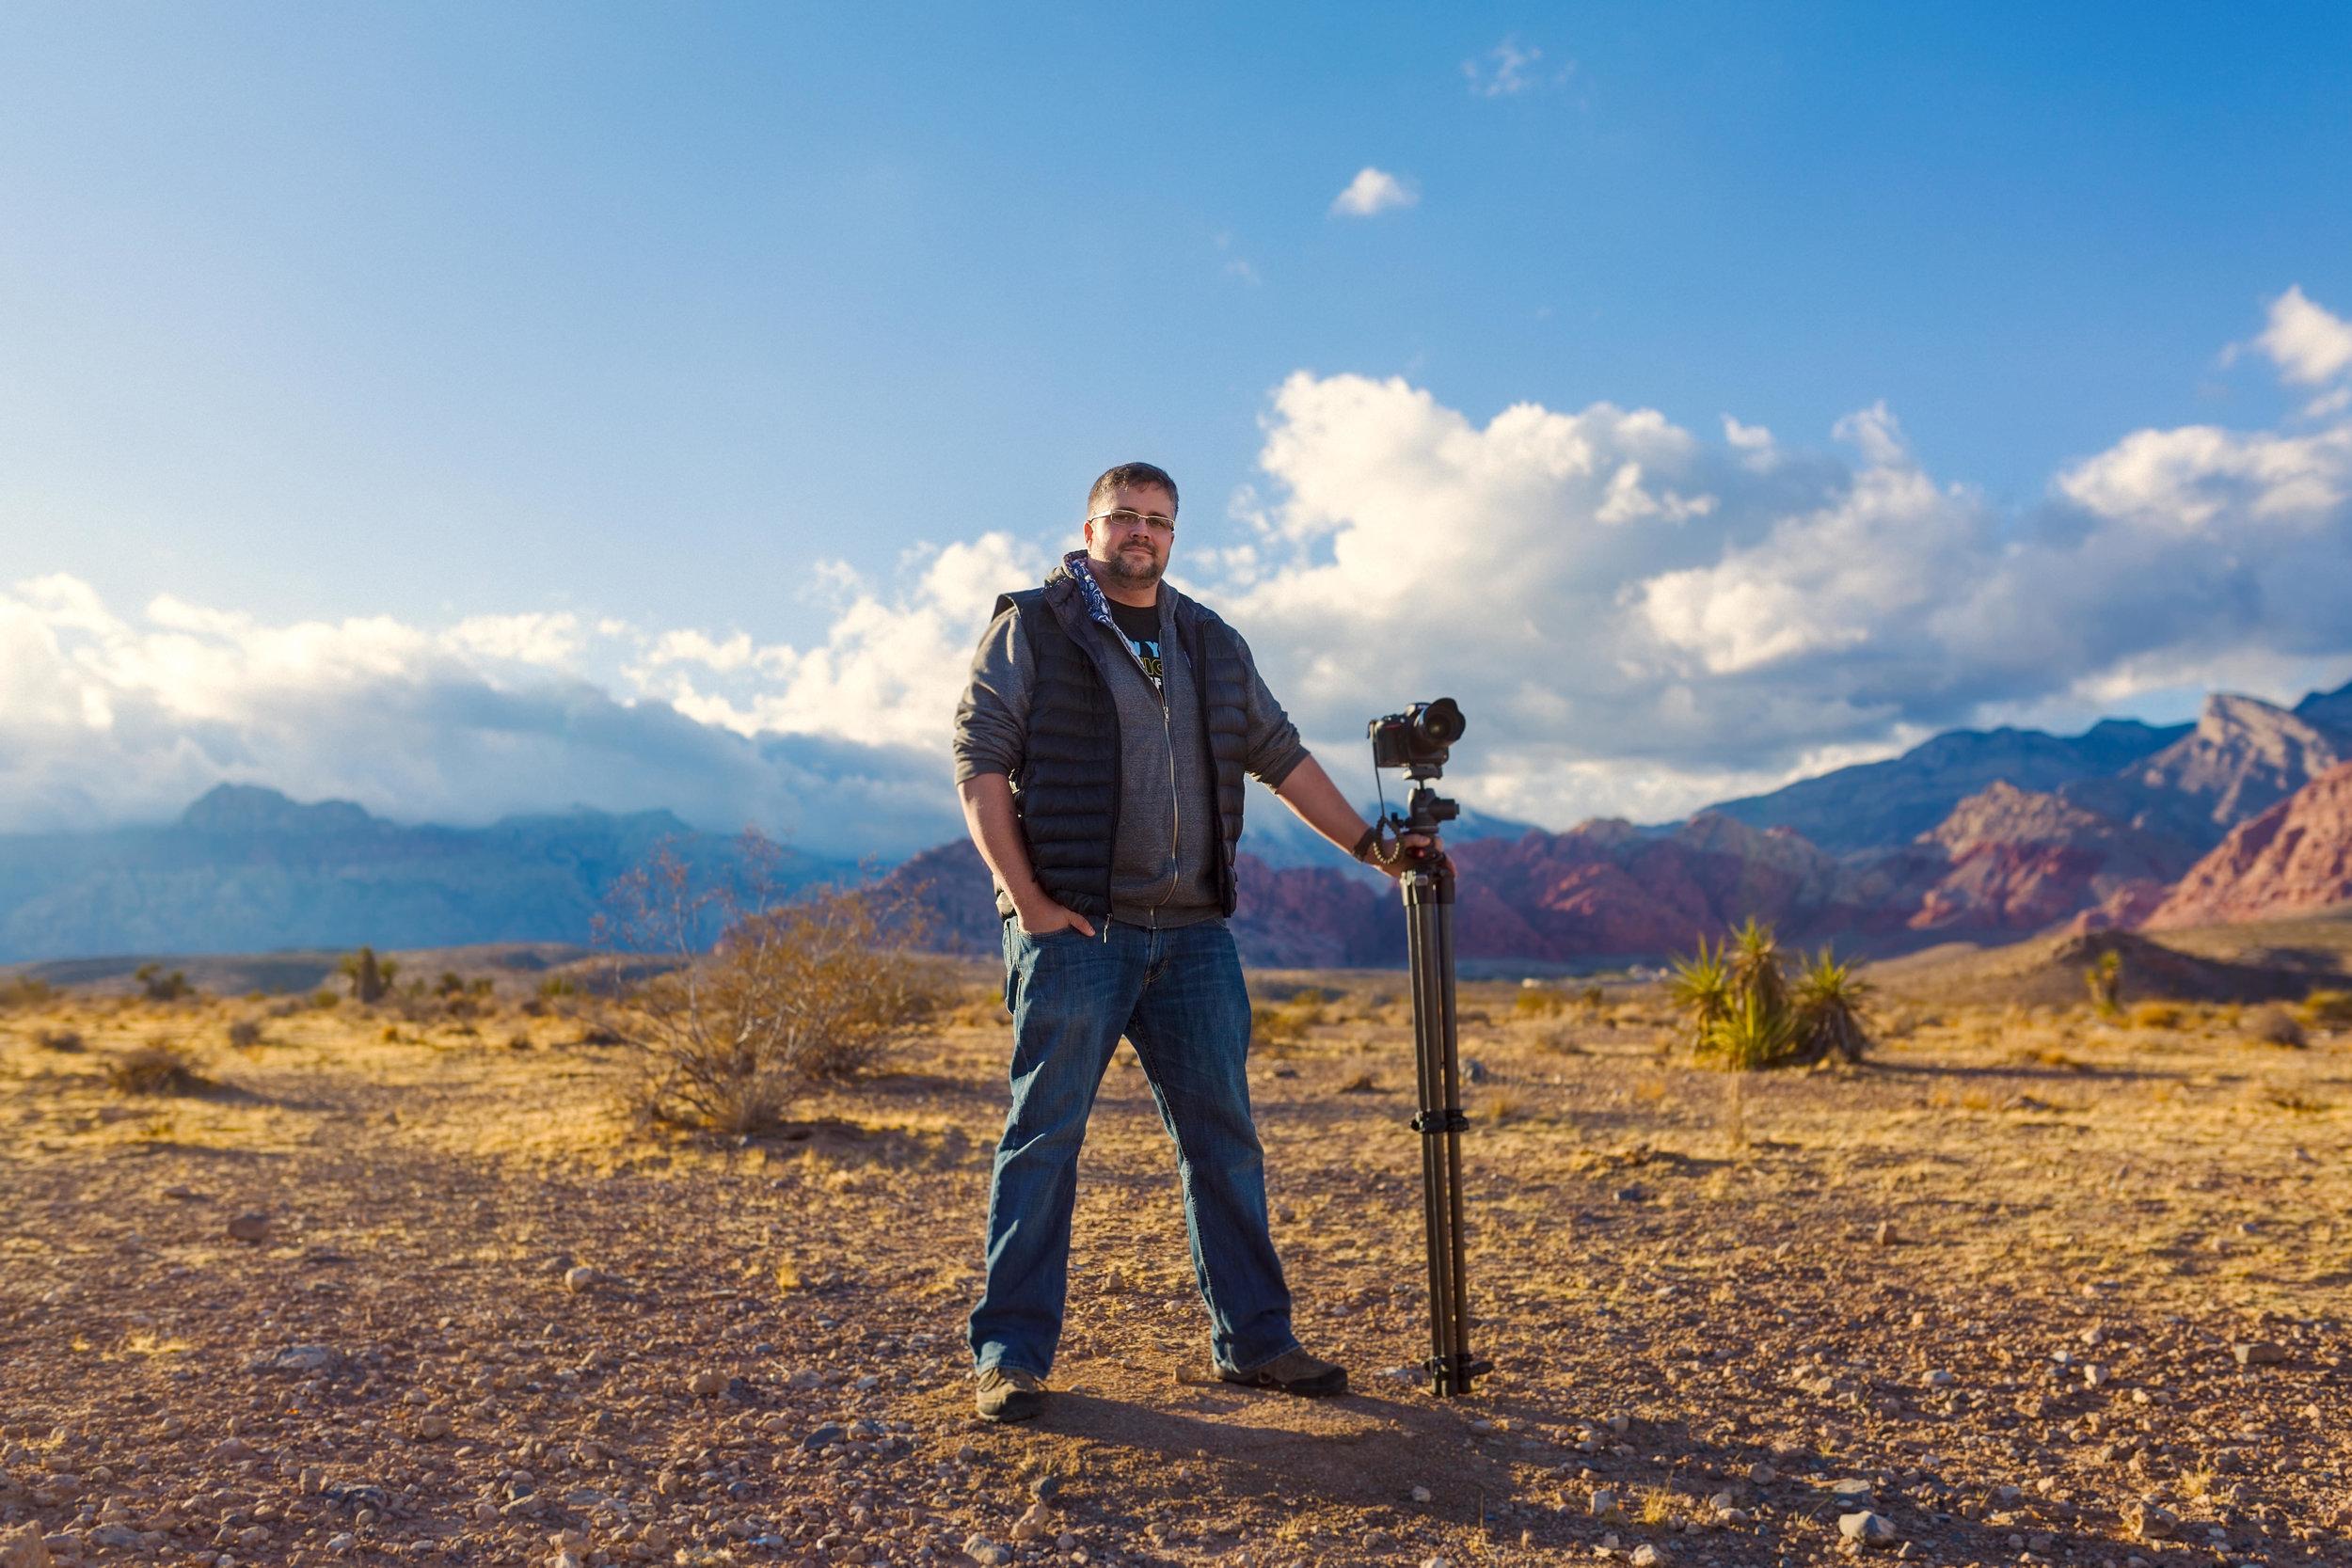 David J. Crewe - Red Rock Canyon